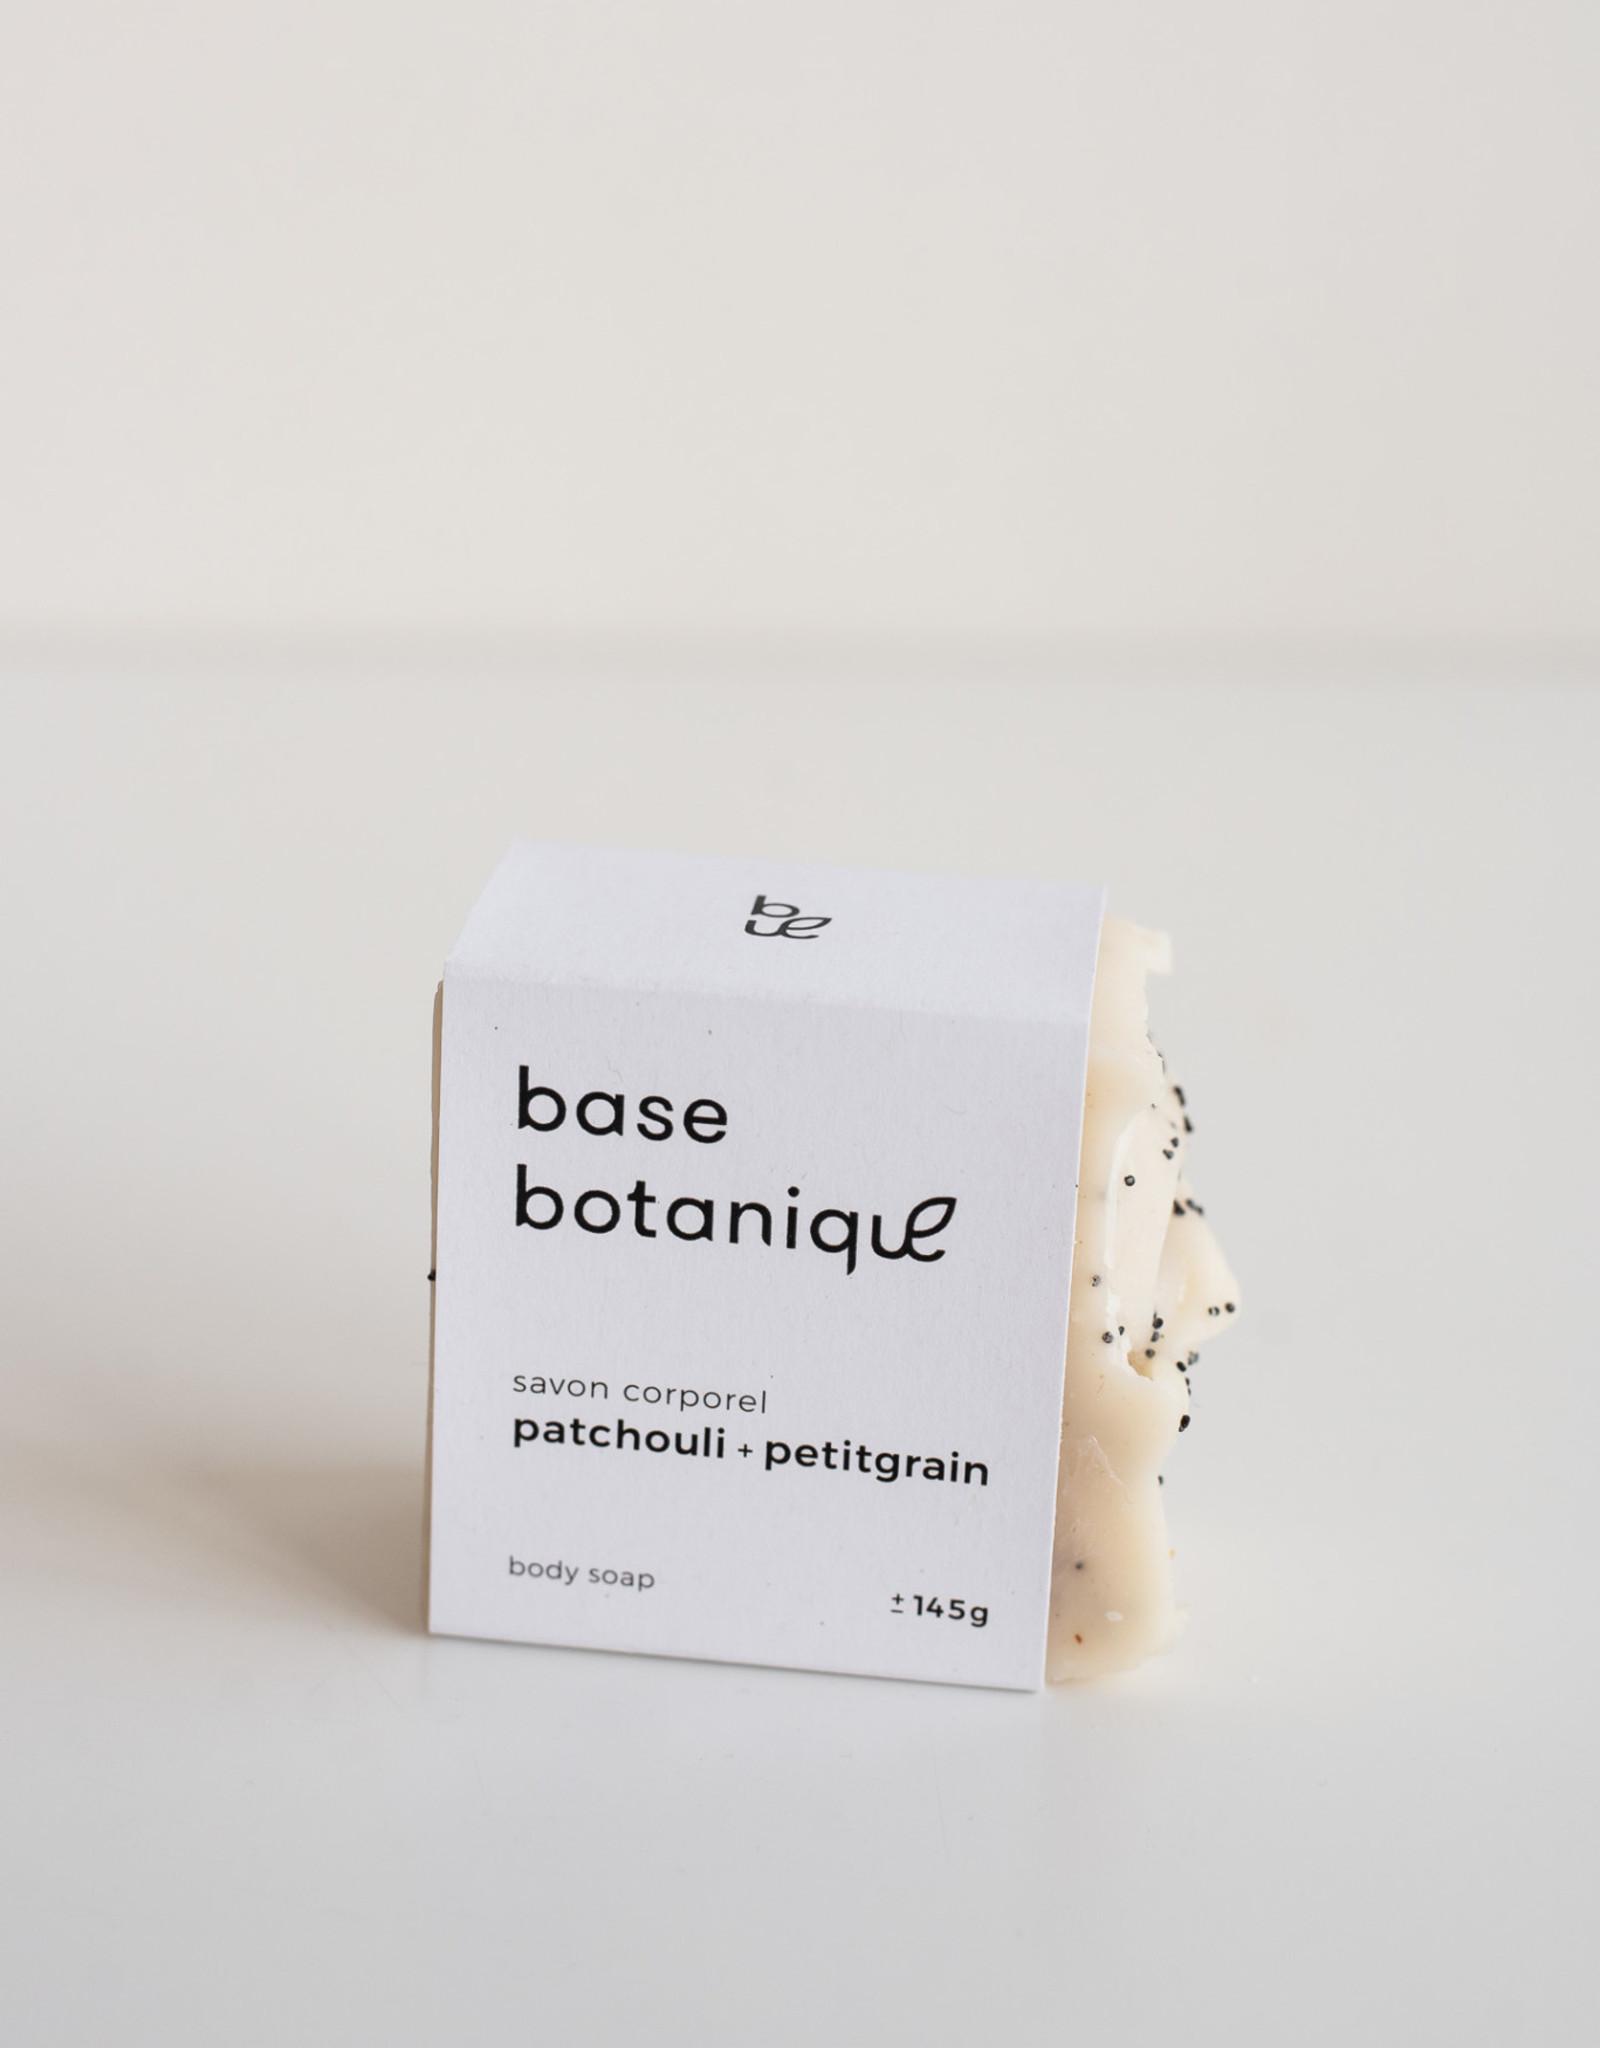 Base Botanique Savon corporel Patchouli & Petitgrain